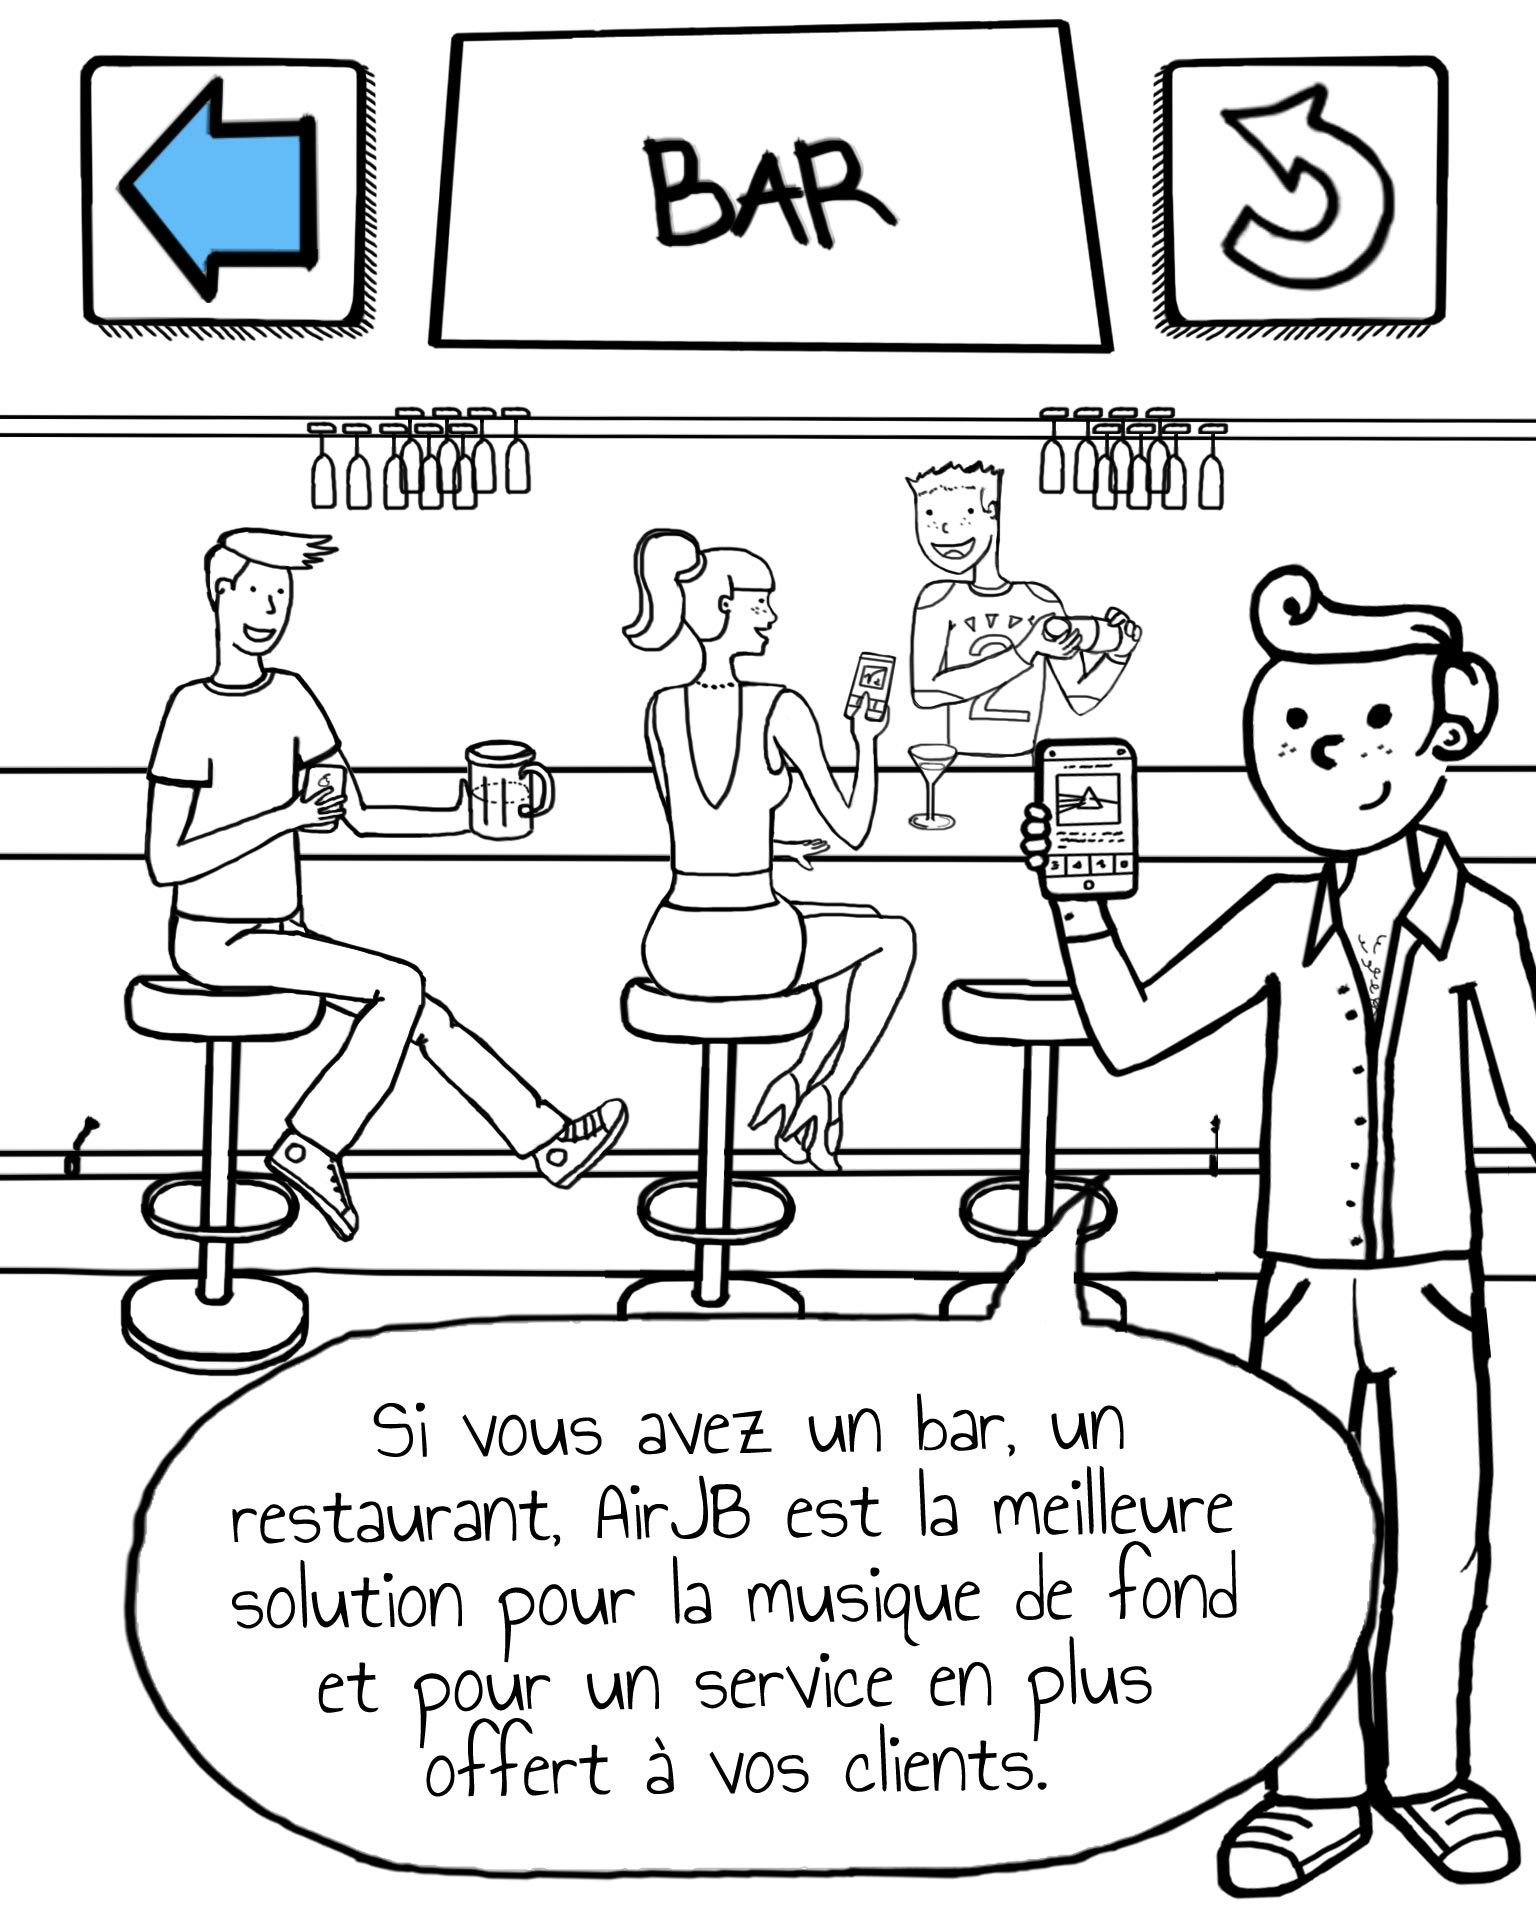 Si vous avez un bar, un restaurant, AirJB est la meilleure